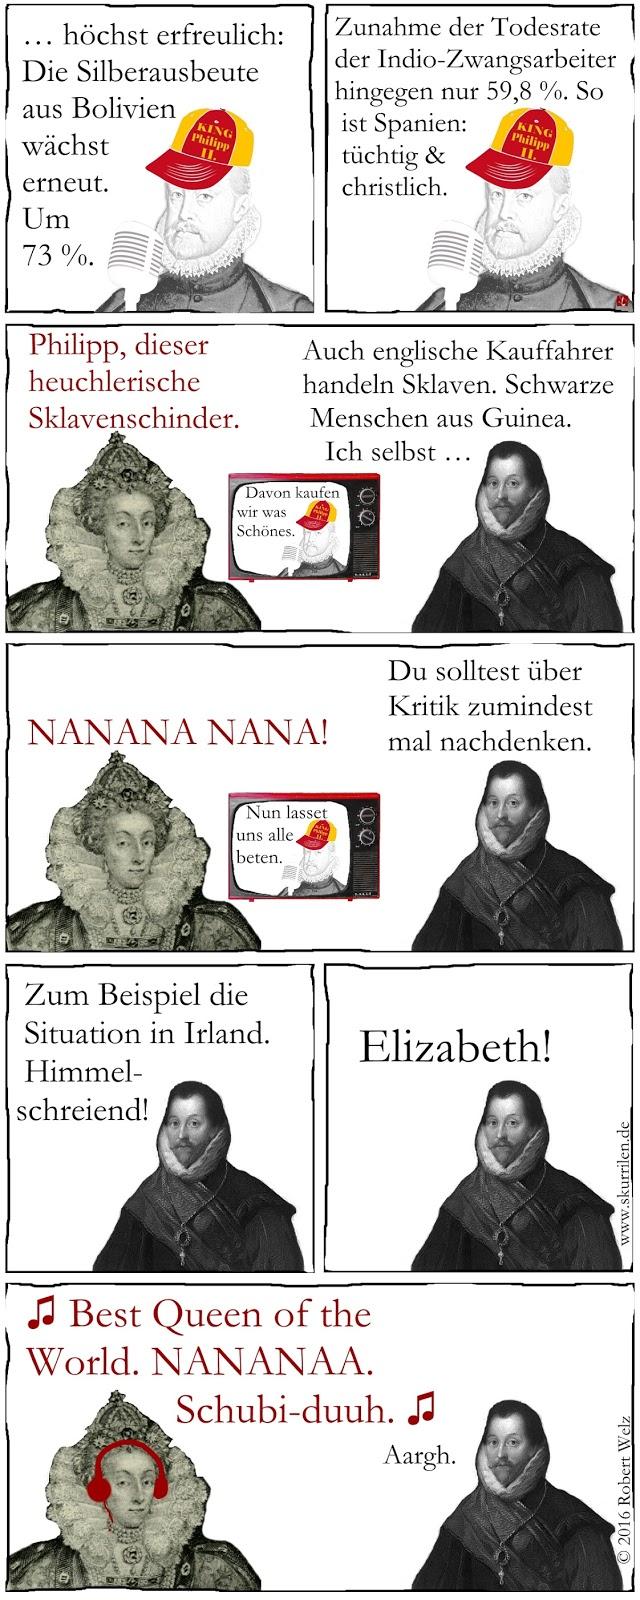 Philipp II. von Spanien hat der Fernseh-Gemeinde stolze Ausbeuter- und Sklaventreiber-Zahlen zu verlautbaren. Francis Drake erinnert Elizabeth I. von England an eigene Missstände. Ob das fruchtet?